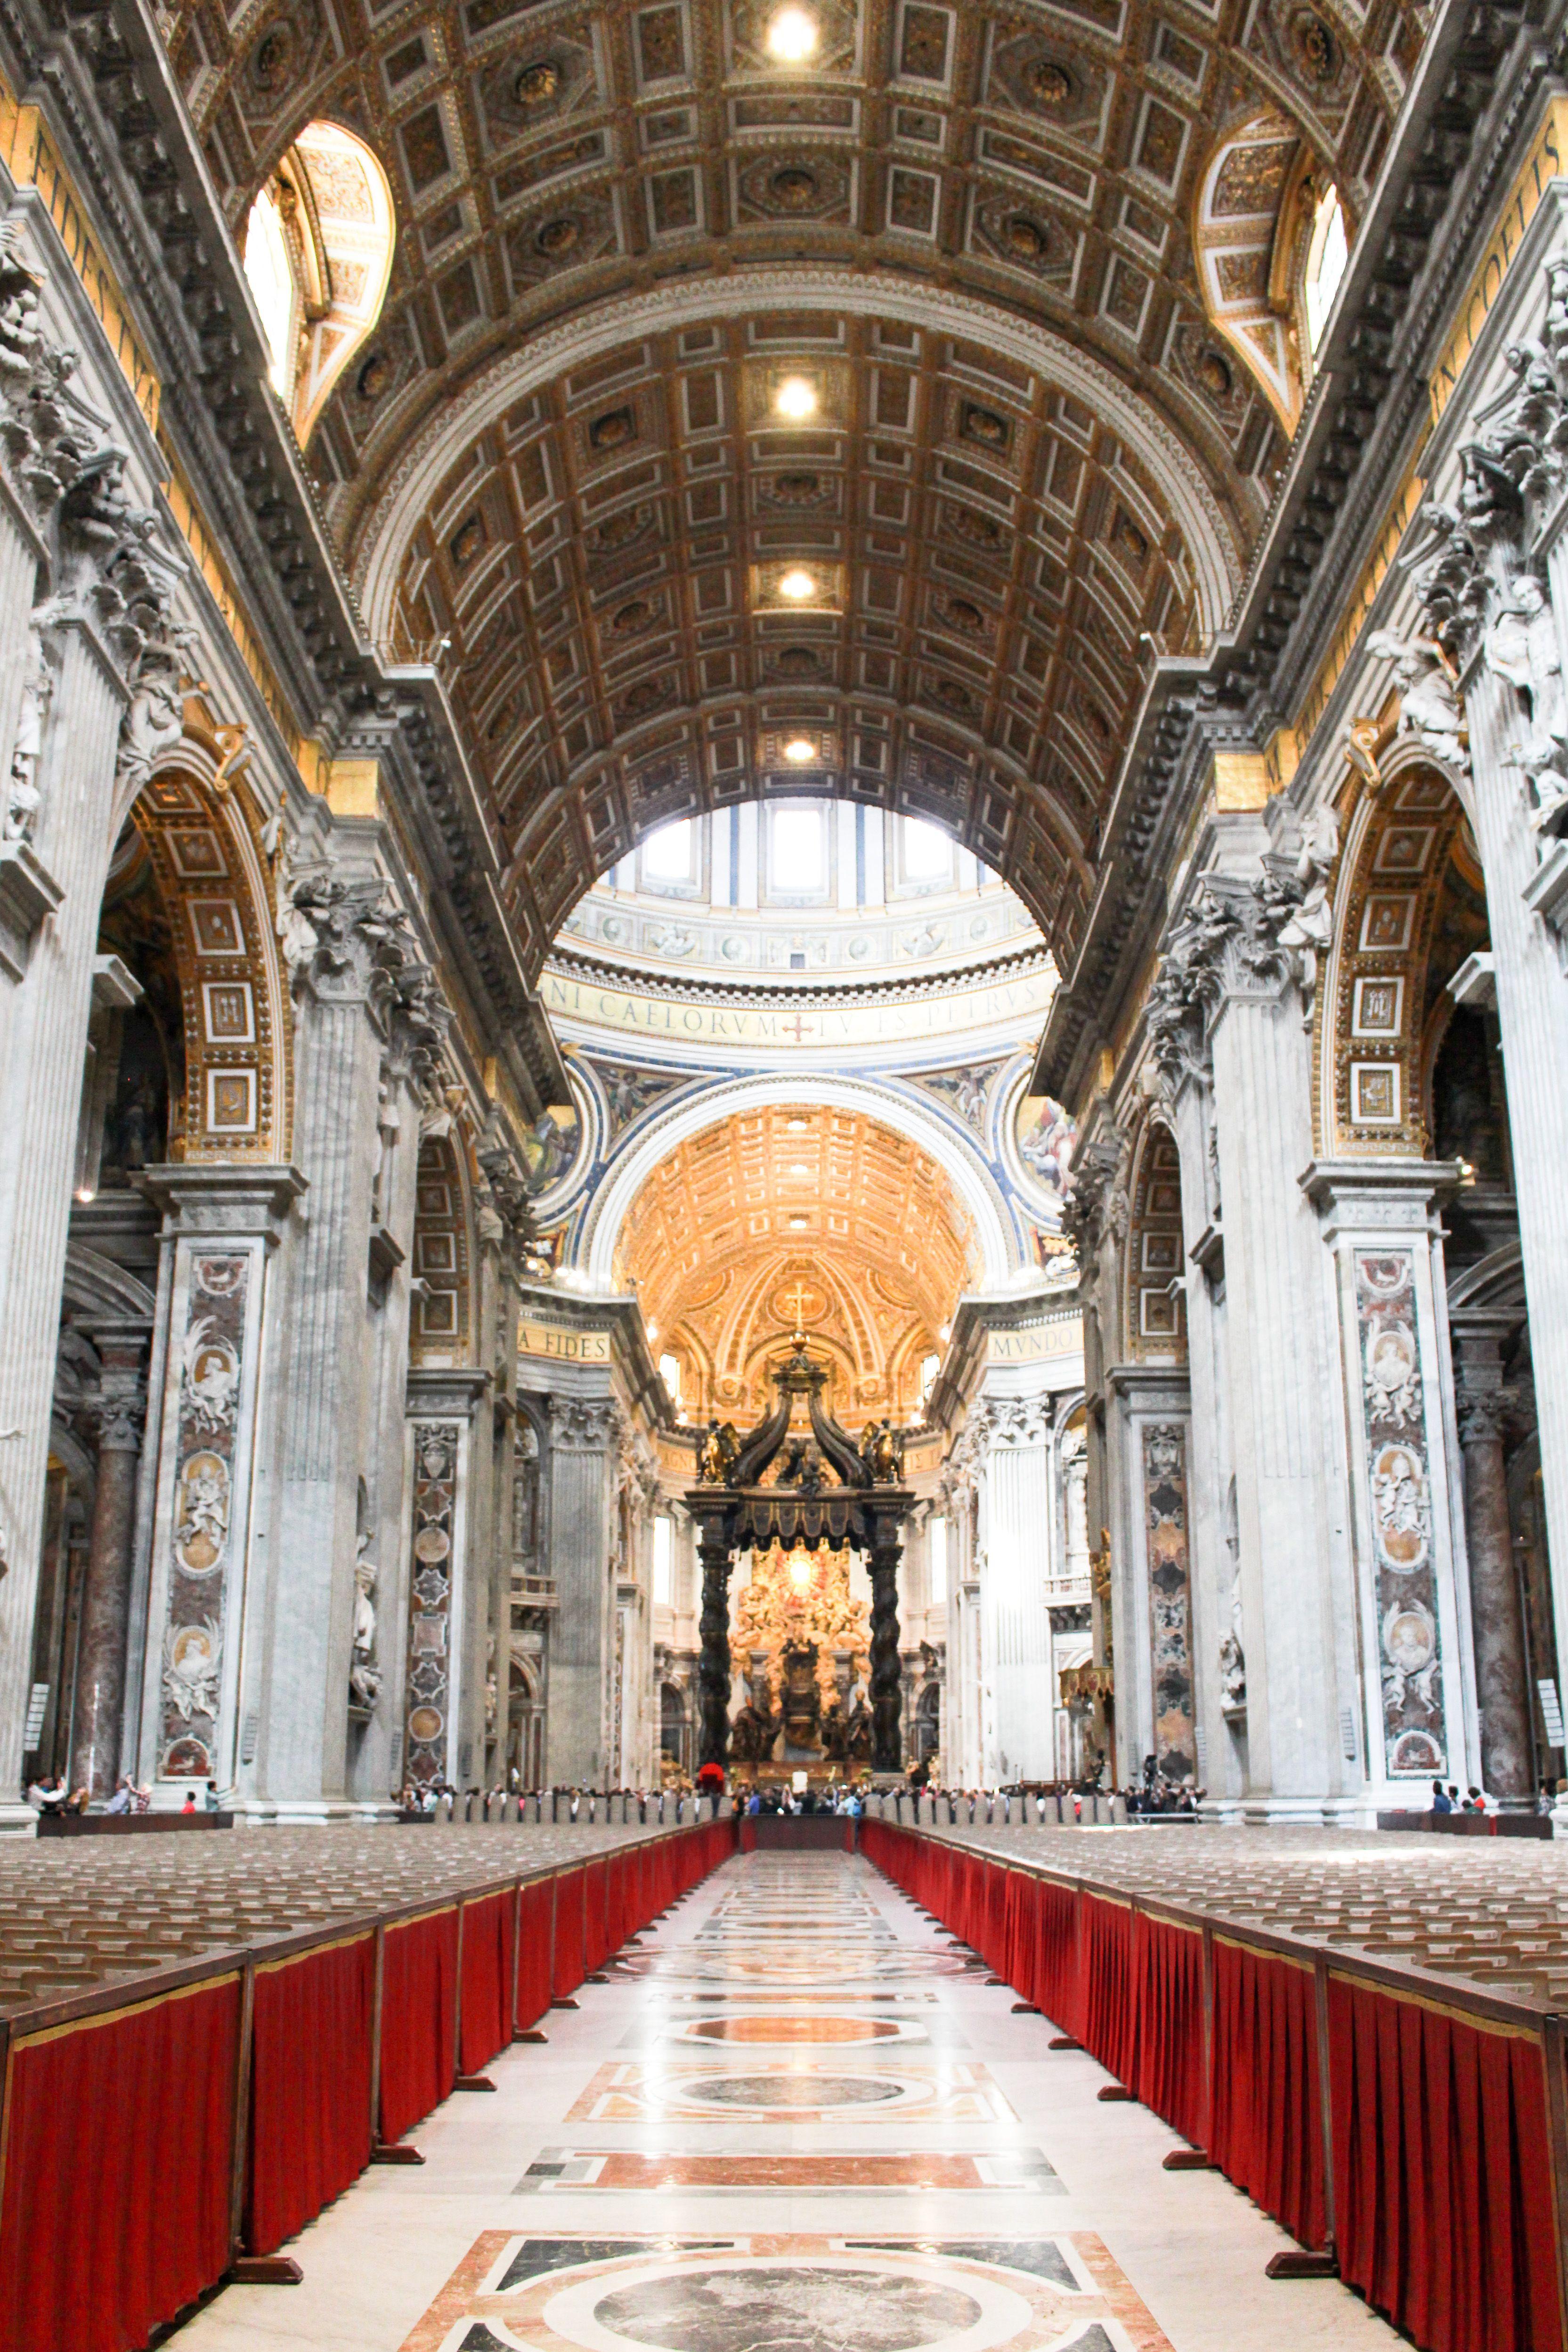 St. Peter's Basilica, Vatican City Rome, Vatican city